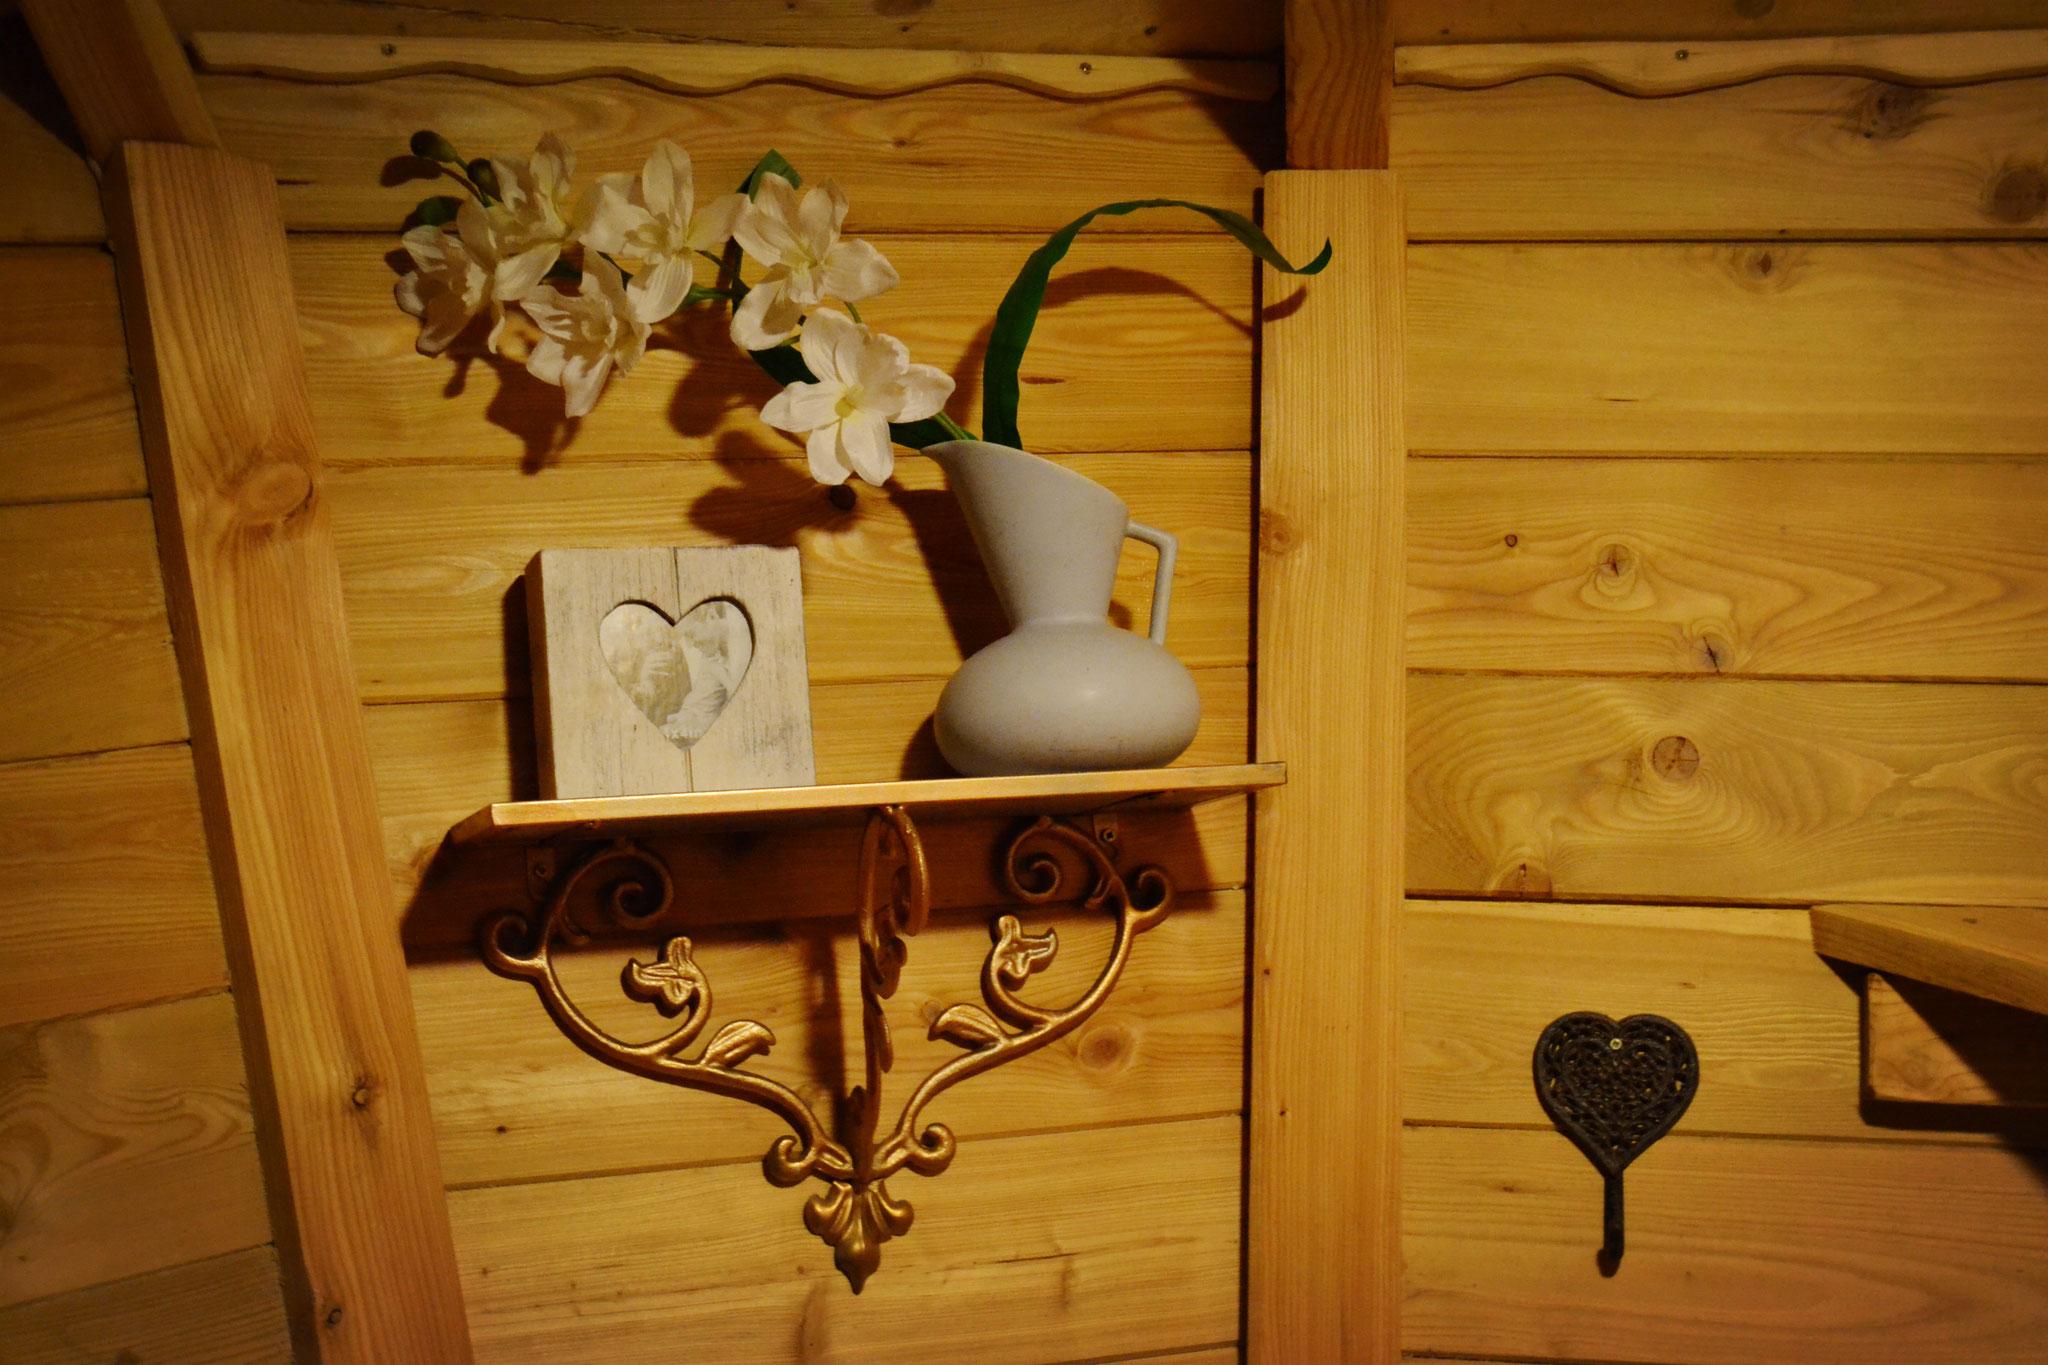 Louer un séjour insolite dans une cabane dans les arbres romantique avec spa en Baie de Somme